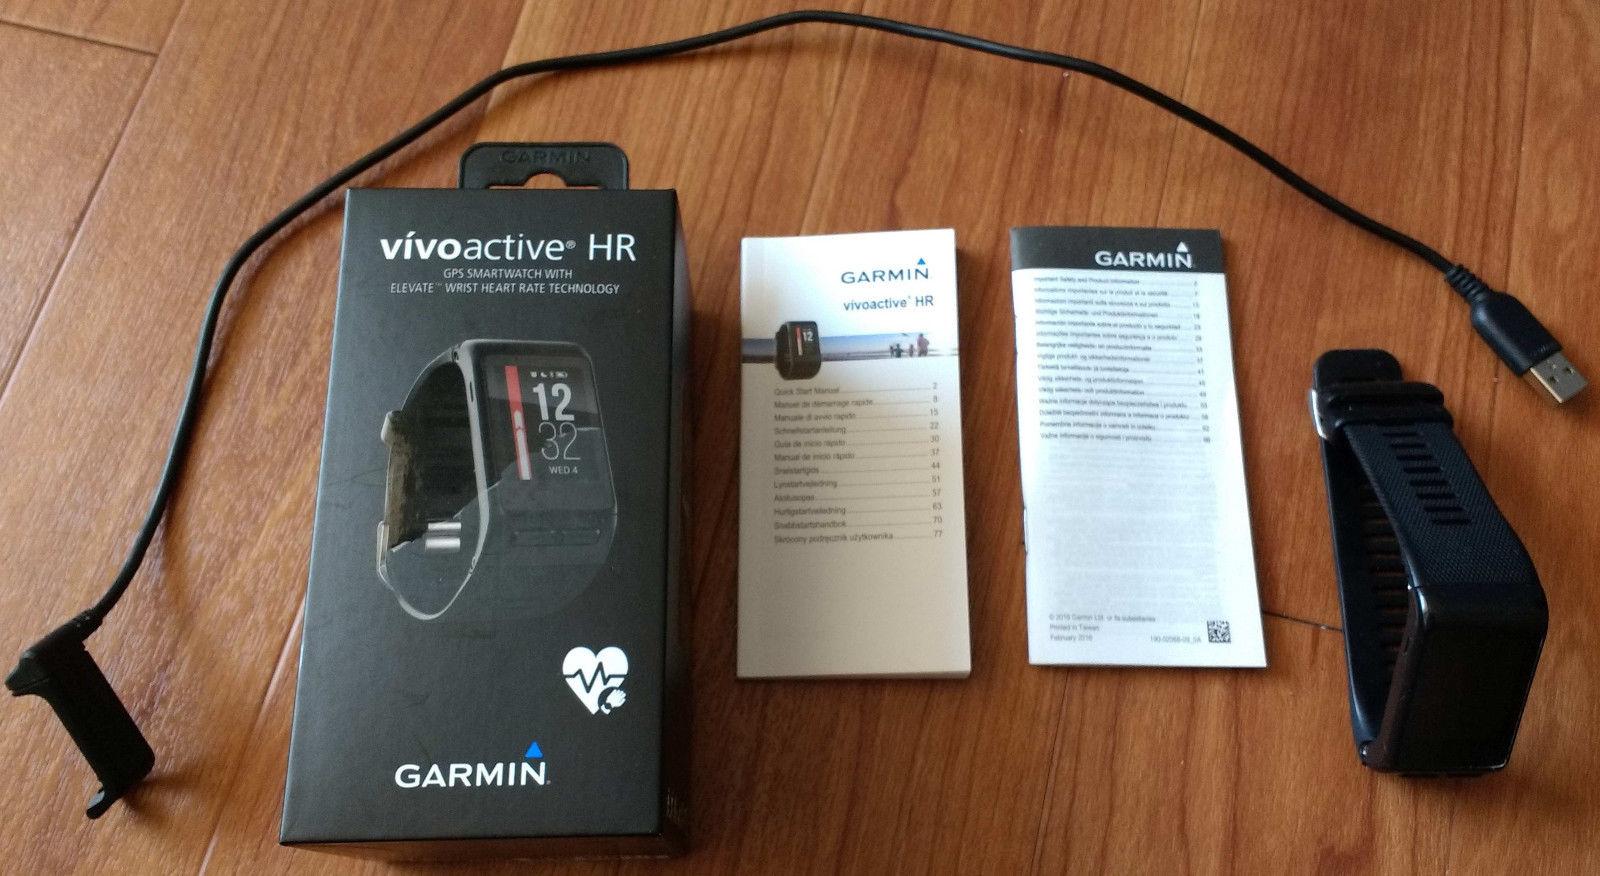 Garmin Vivoactive HR Sportuhr - Schwarz, mit Herzfrequenzmessung am Handgelenk